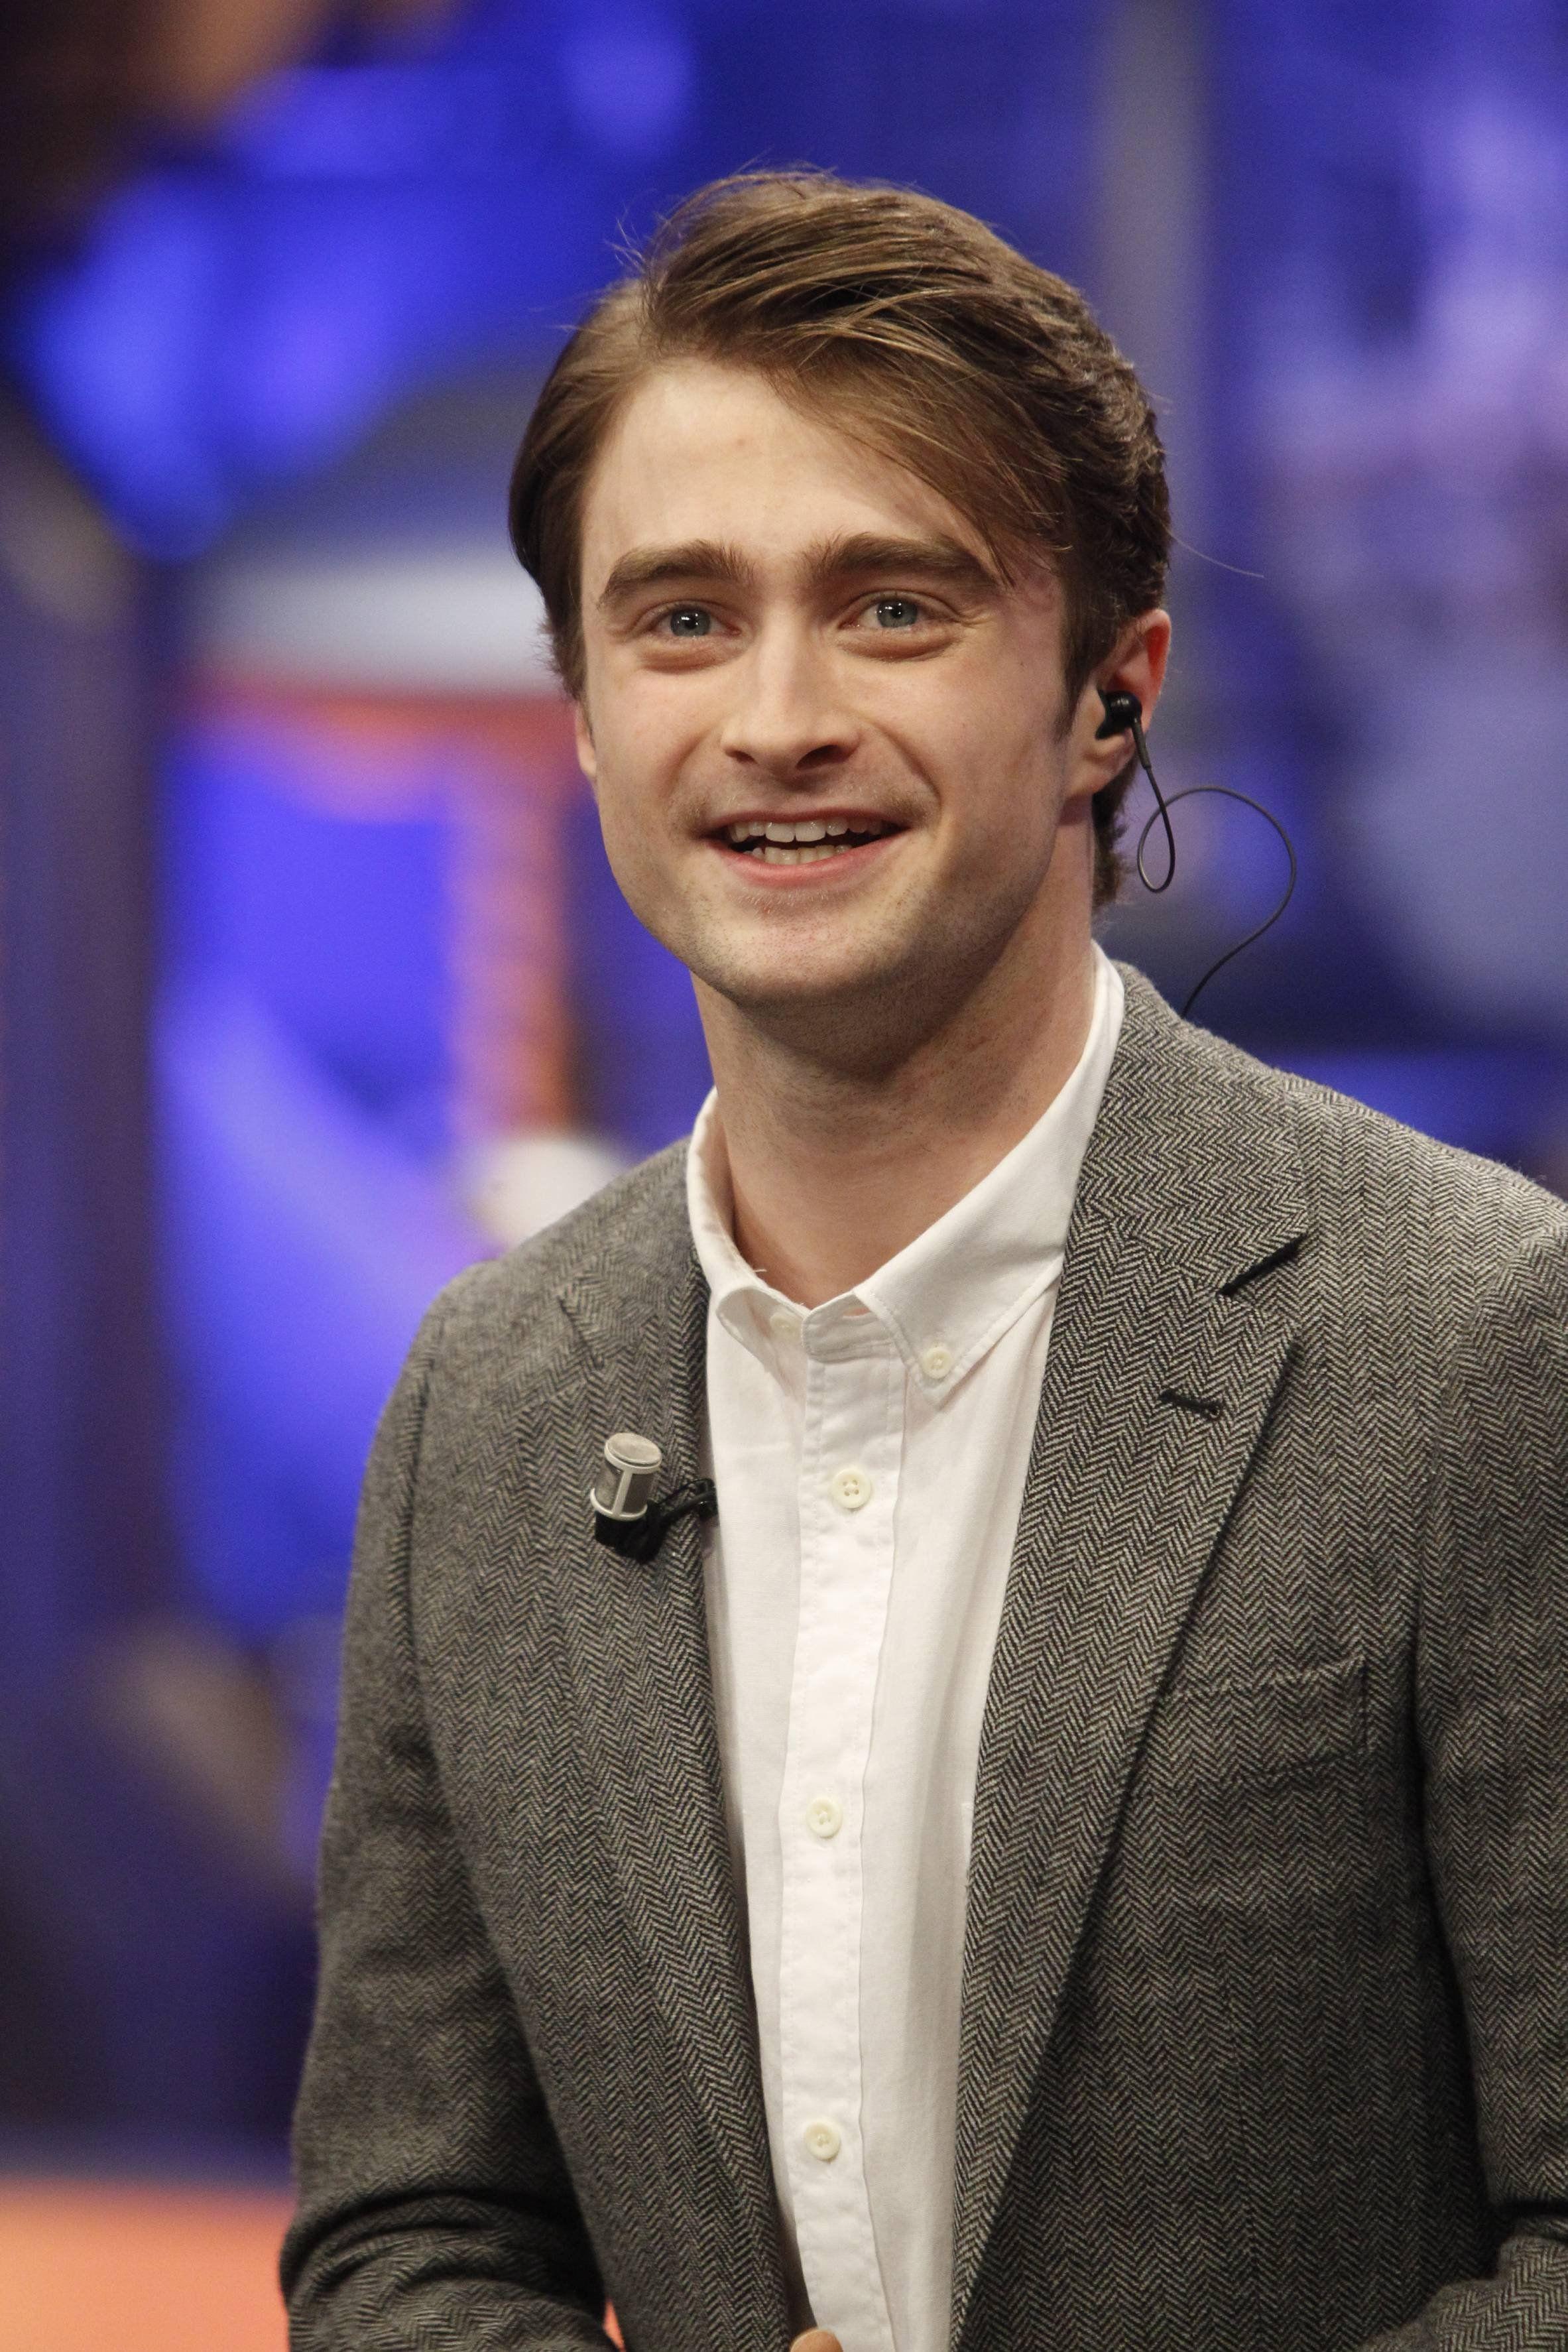 Xxx Daniel Radcliffe